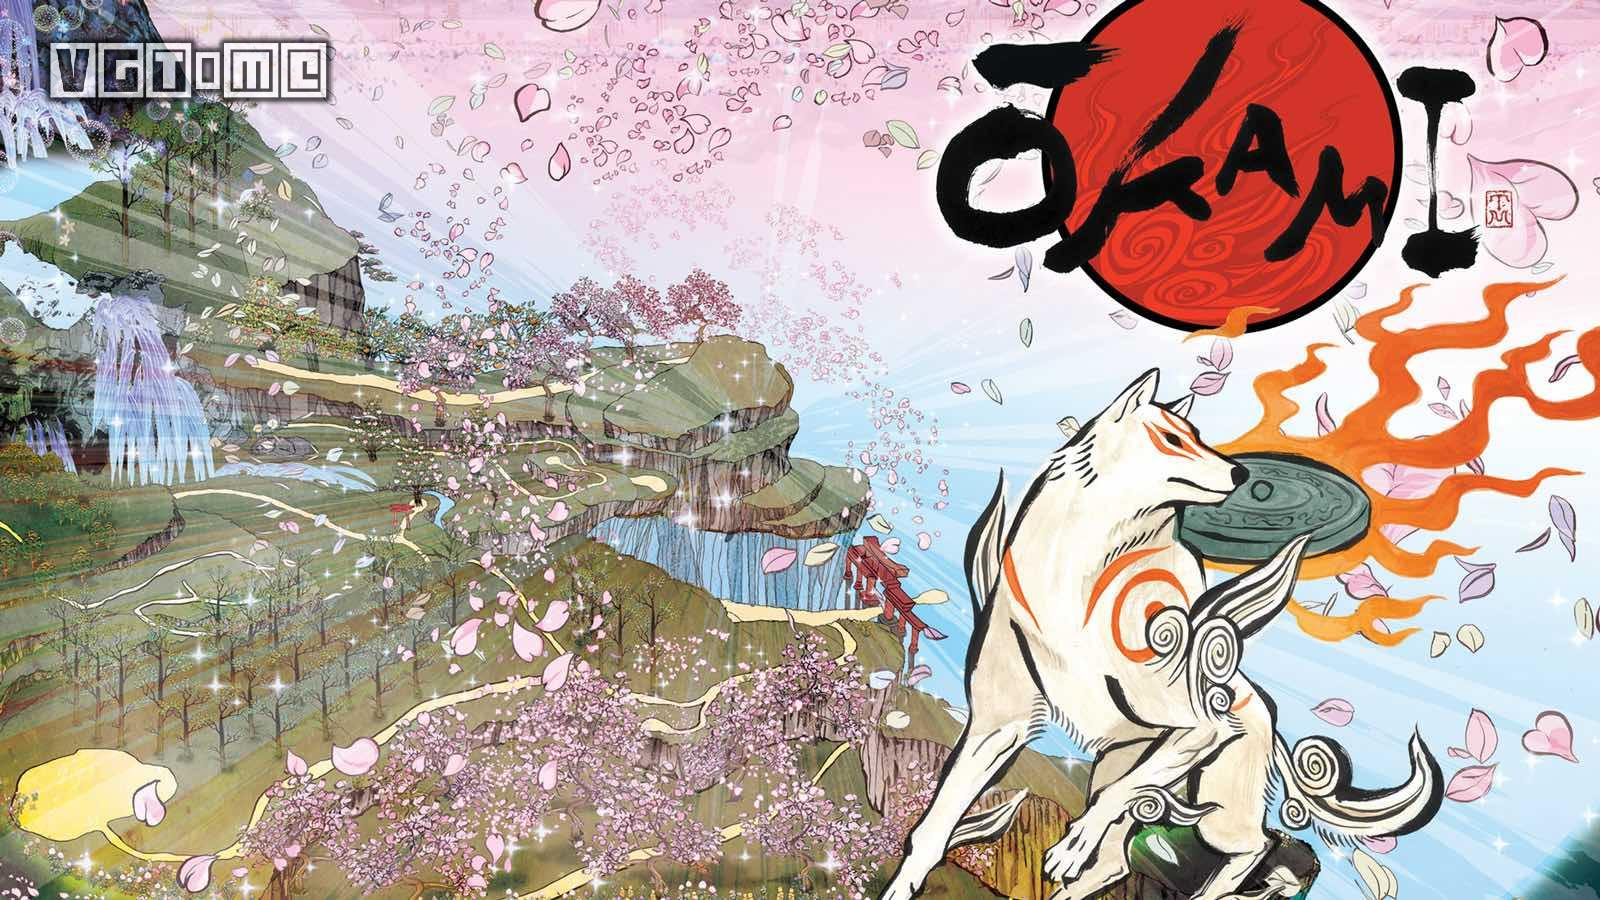 《大神》再获吉尼斯世界纪录:评价最高的动物主角游戏